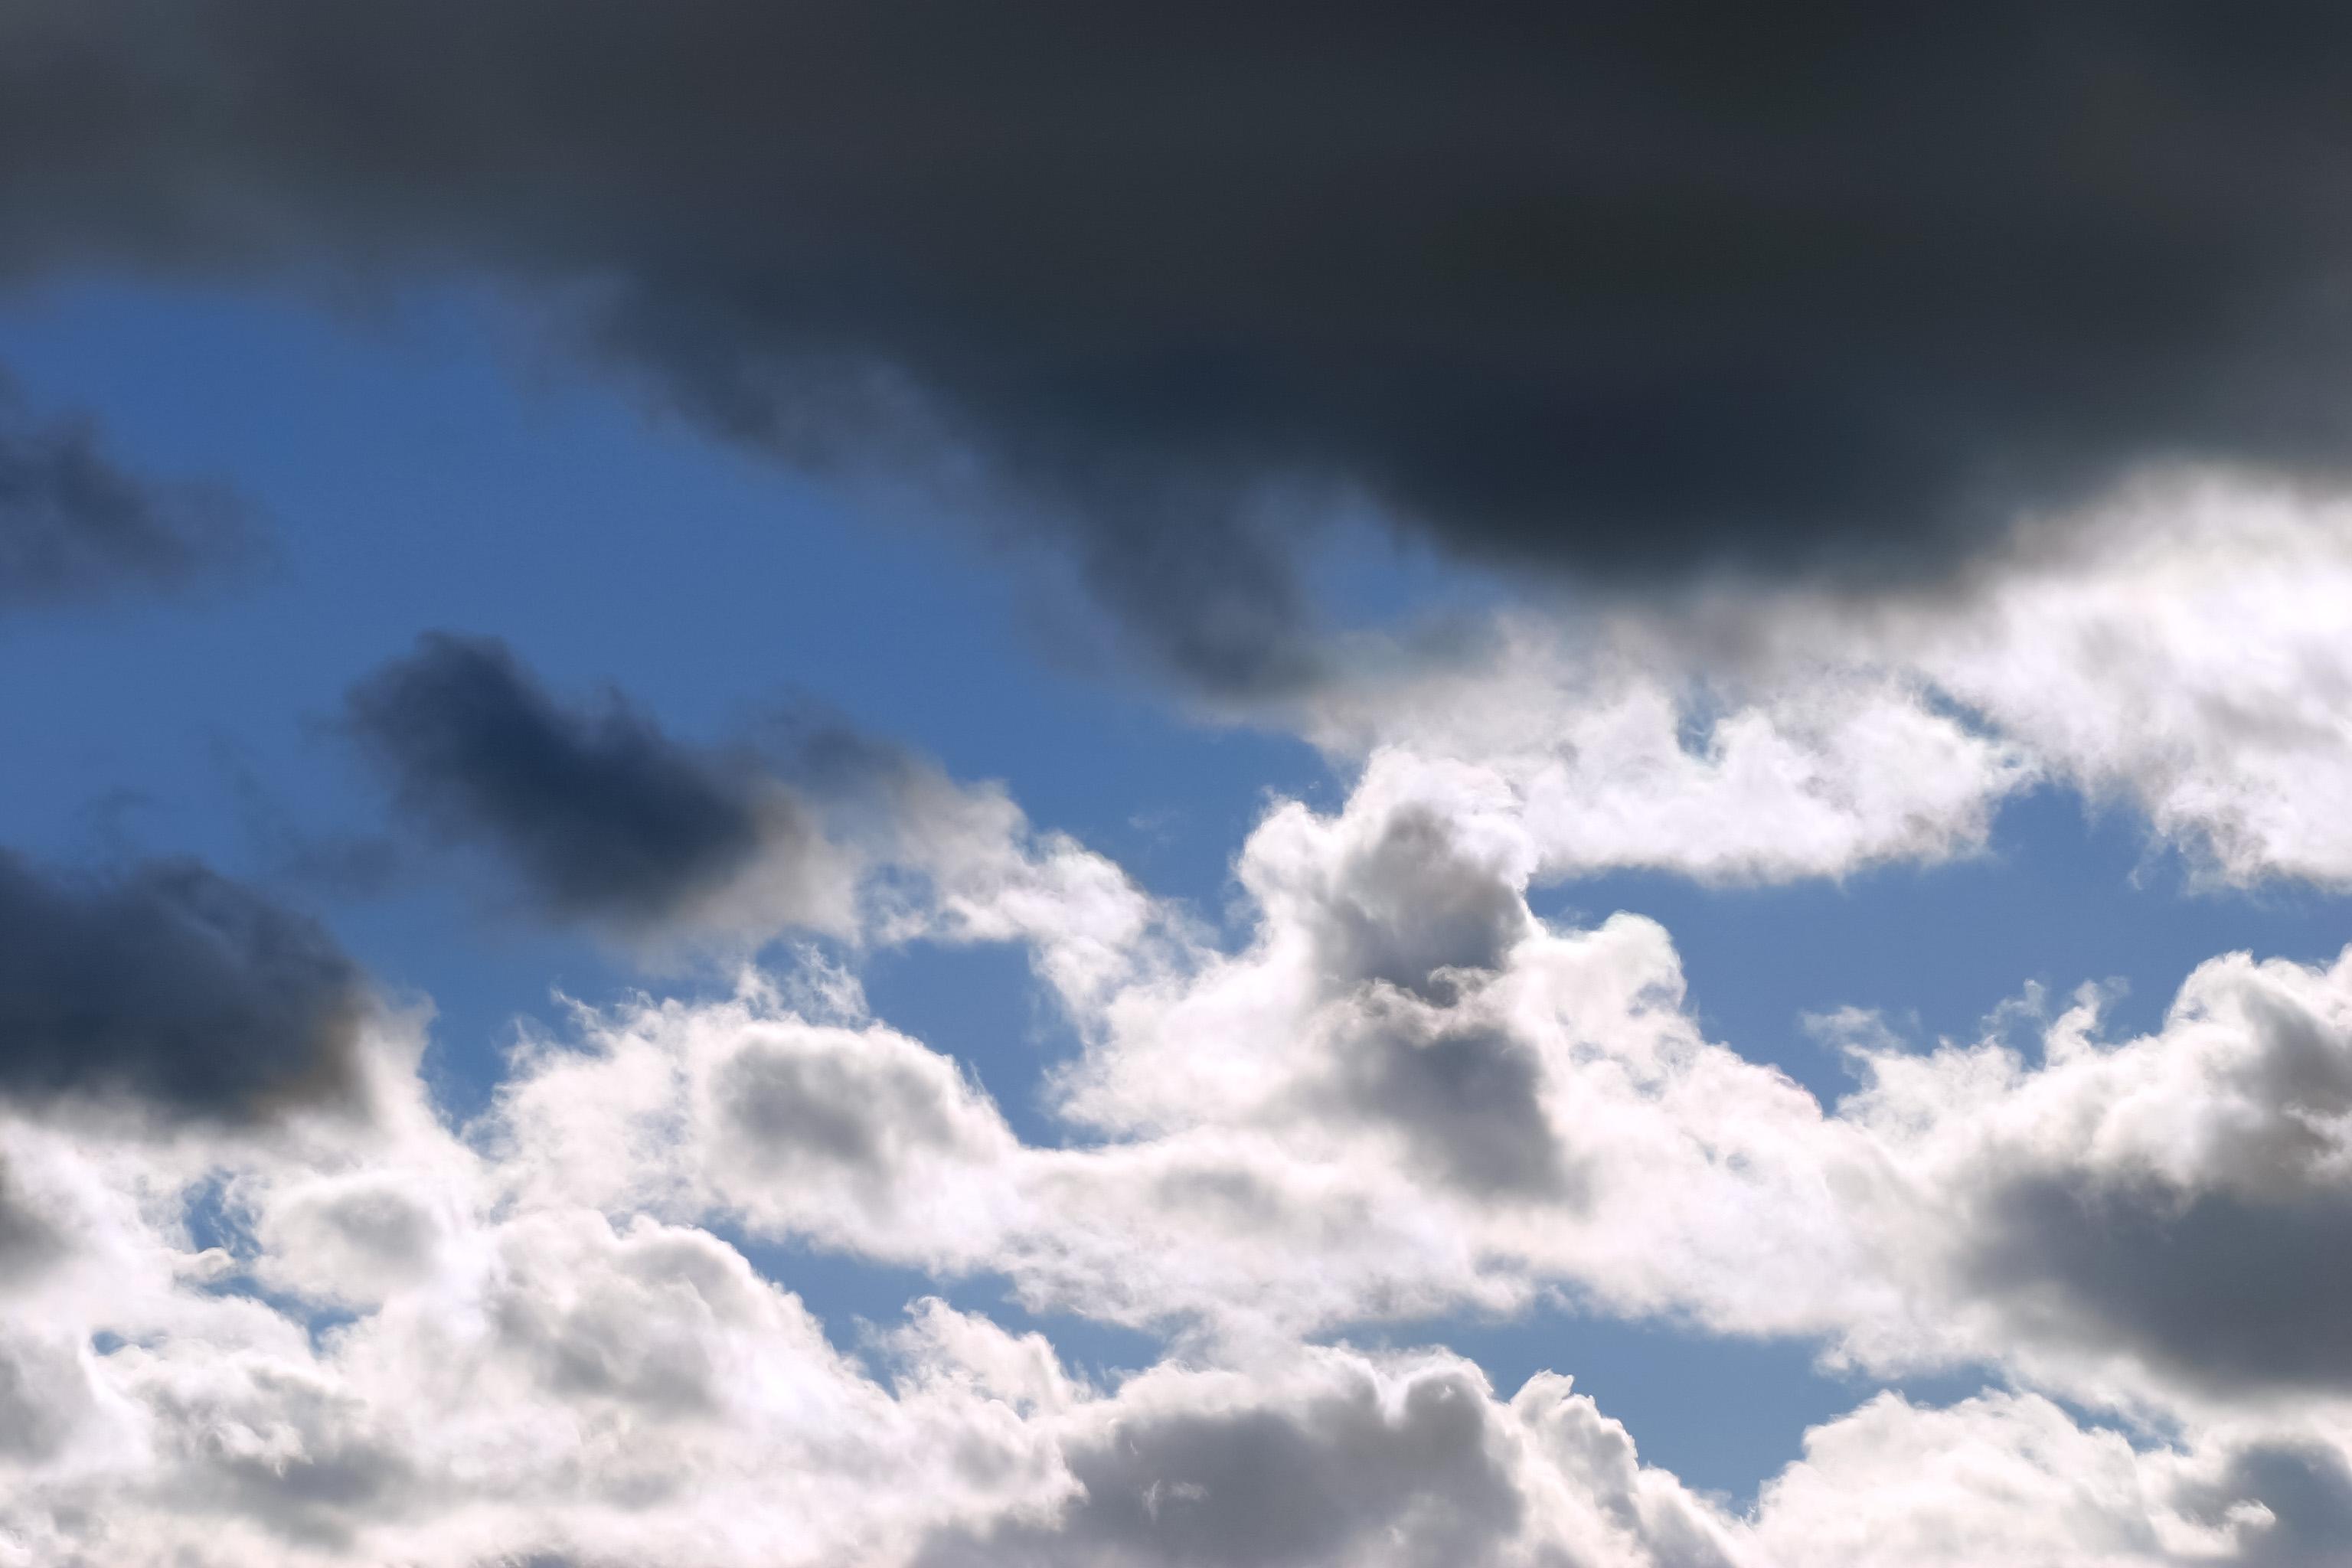 黒い雲の向こうの晴れ間 Free Photos L/RGB/JPEG/350dpi